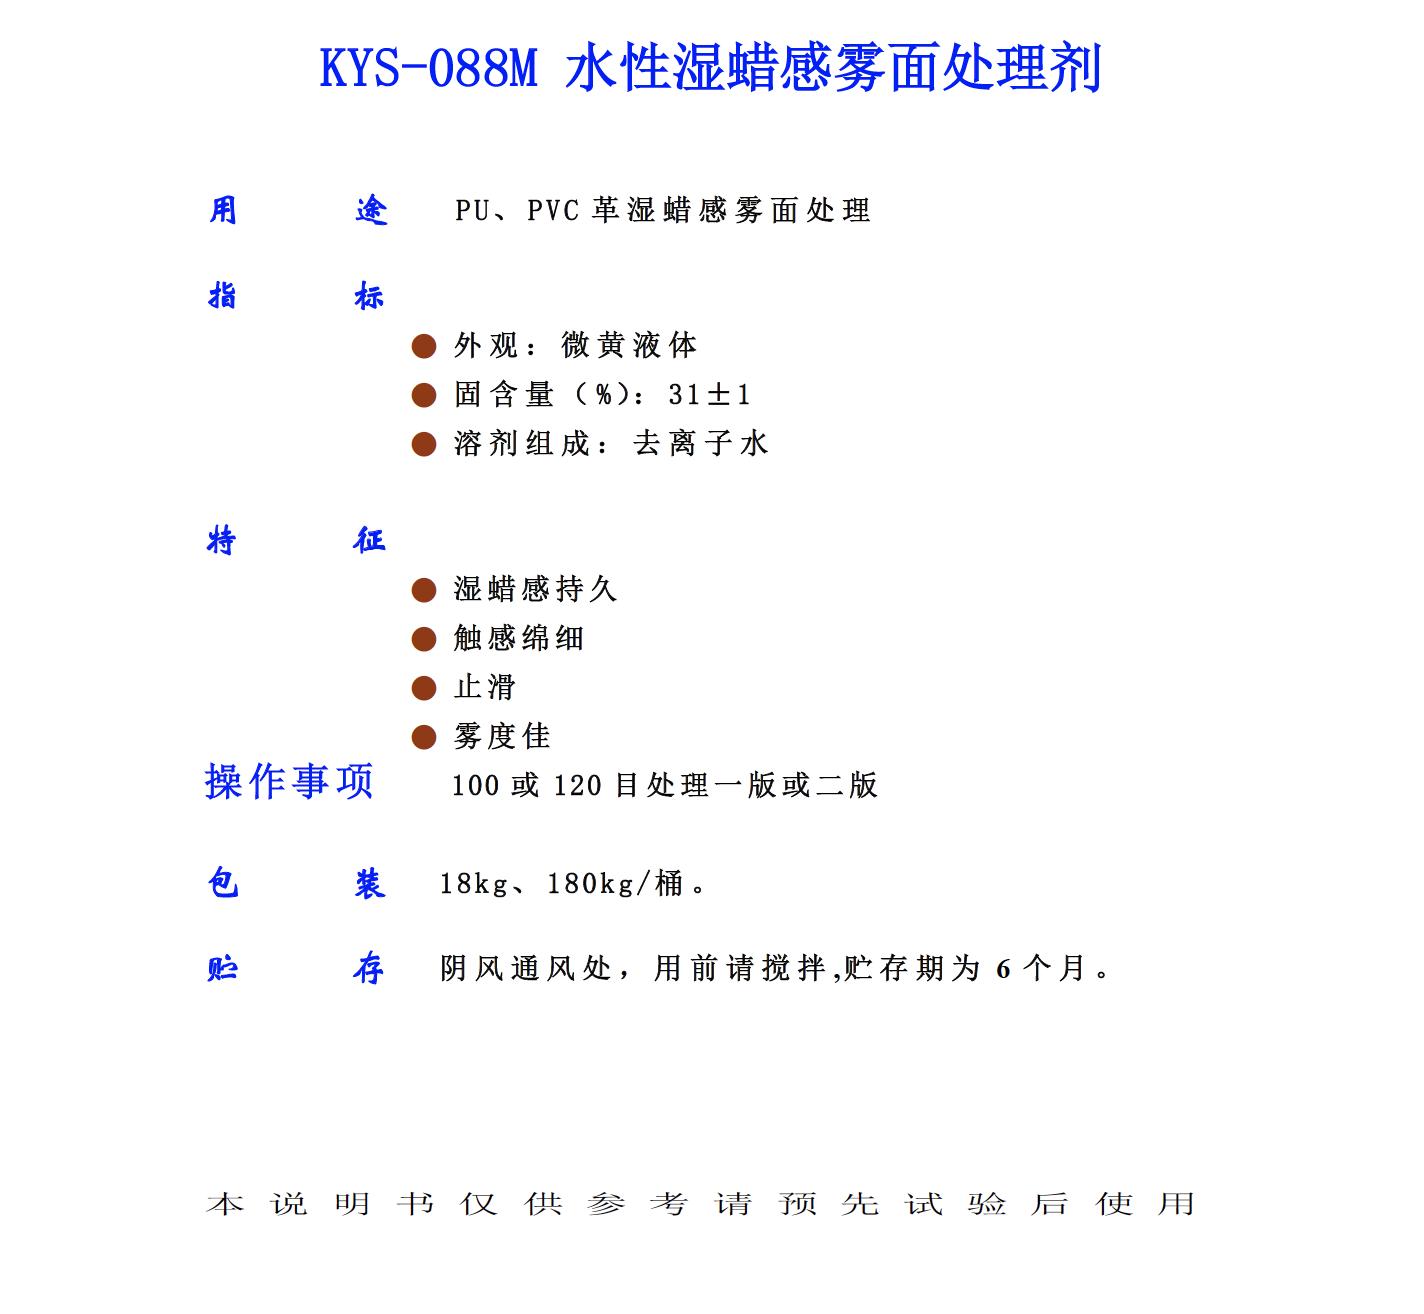 KYS 088M 水性湿蜡感雾面处理剂